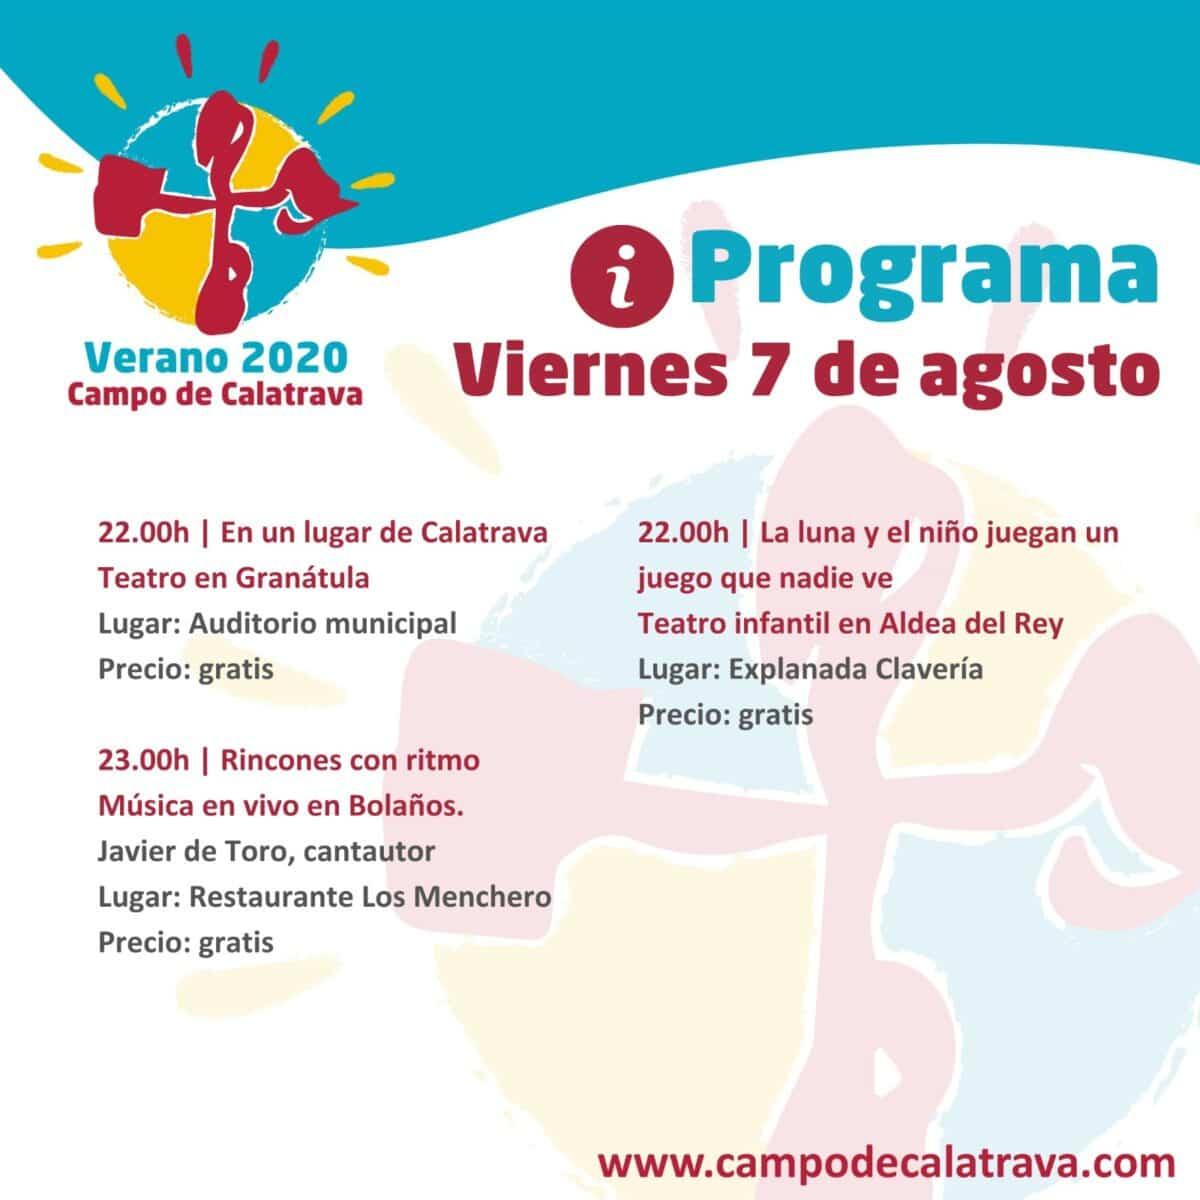 Acordes y melodías de grupos y cantautores locales, protagonistas de los rincones musicales en Verano Calatrava 2020 1